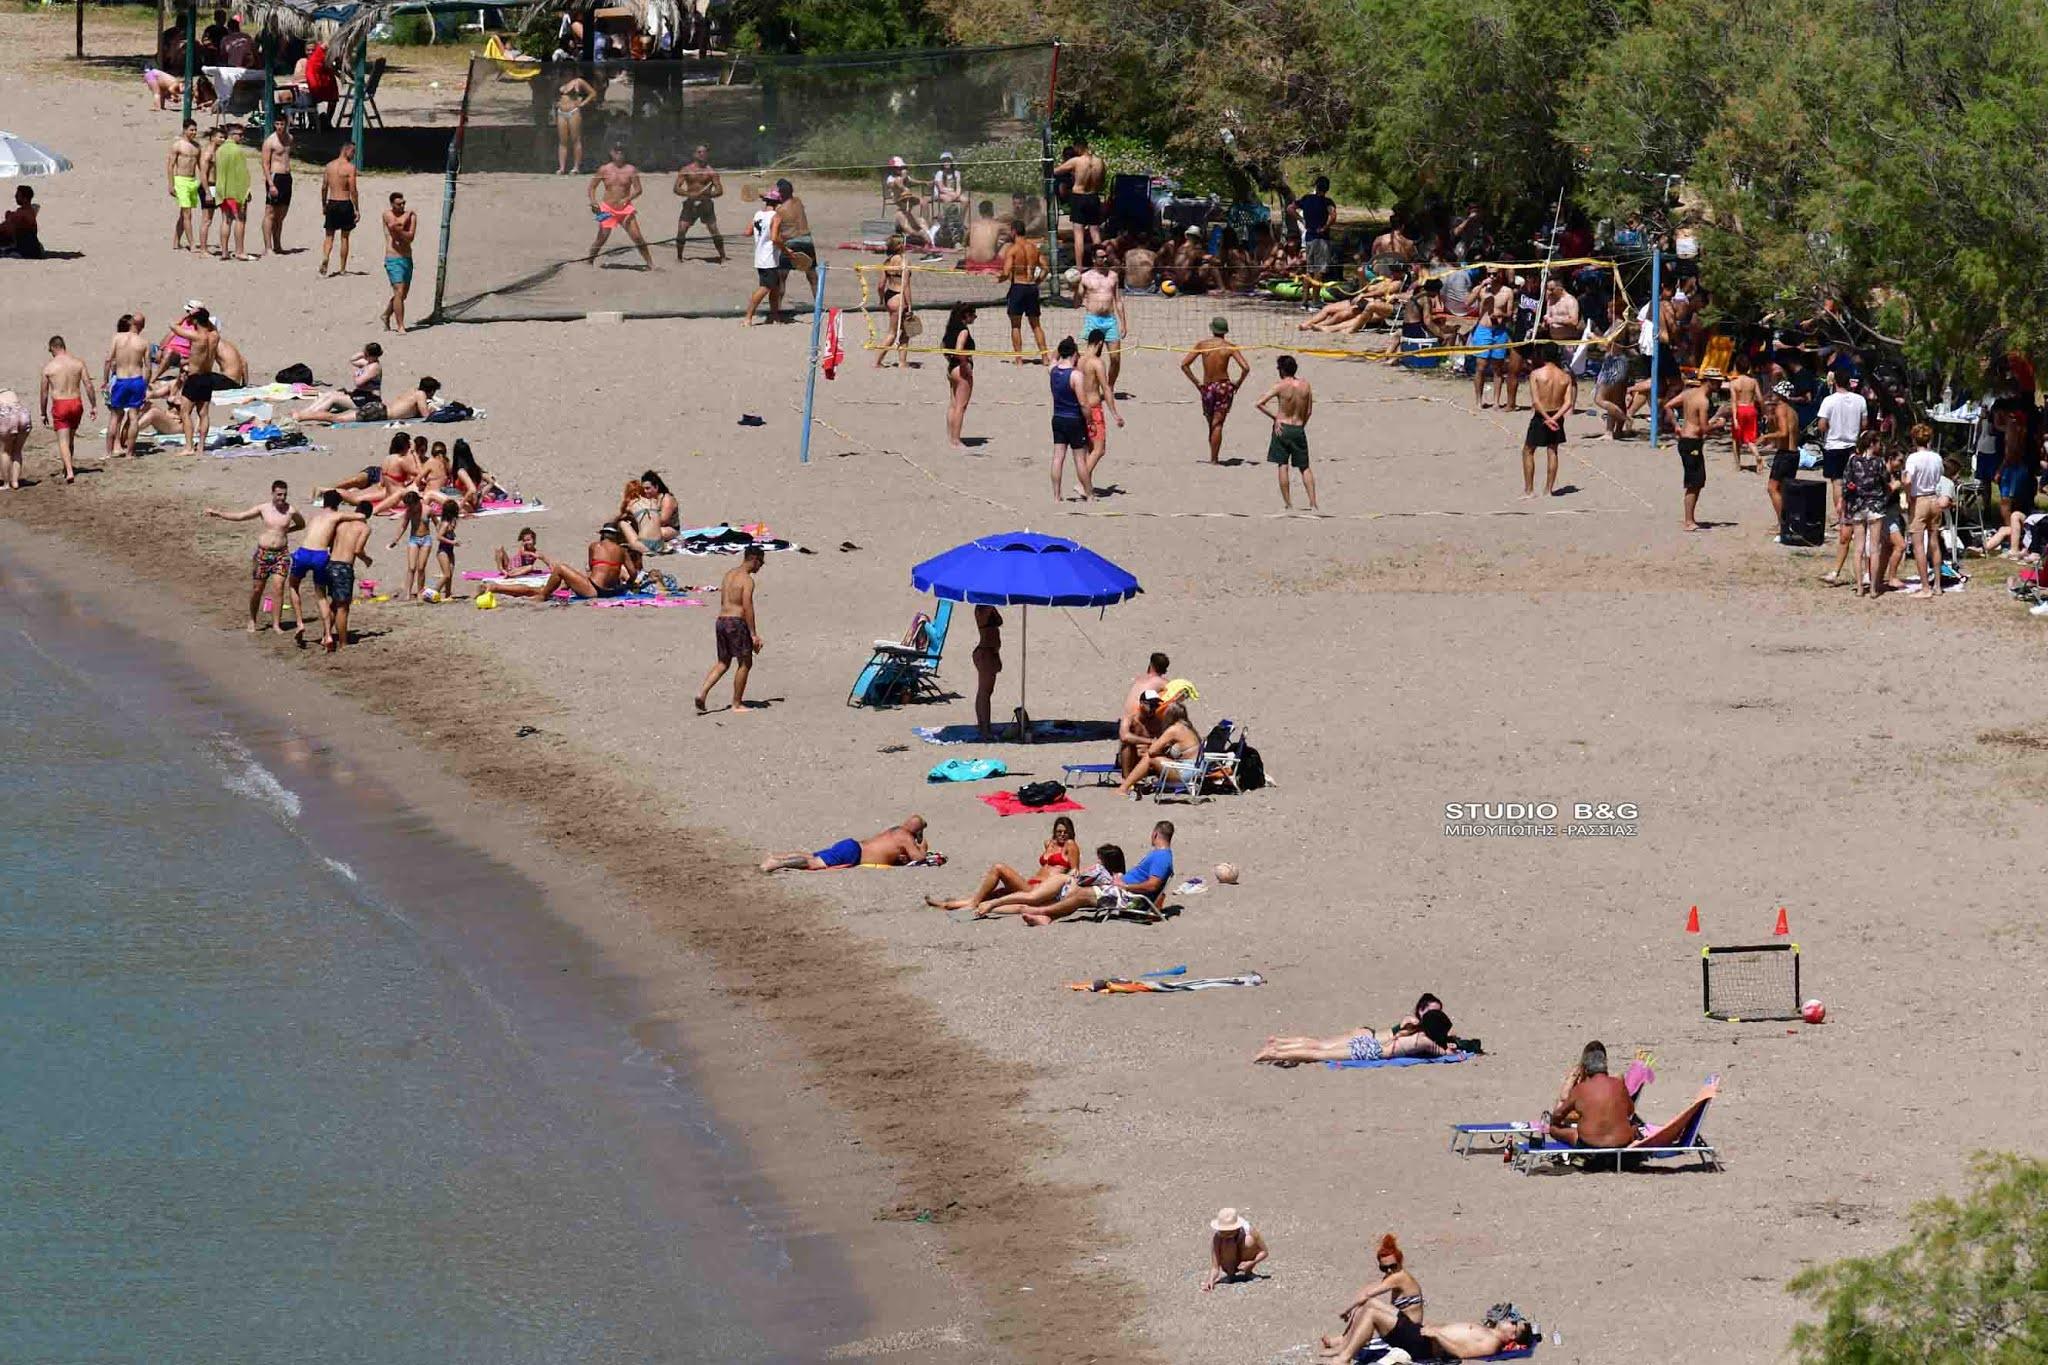 Αργολίδα: Κοσμοπλημμύρα σε παραλία του Ναυπλίου – Εικόνες που θυμίζουν καλοκαίρι